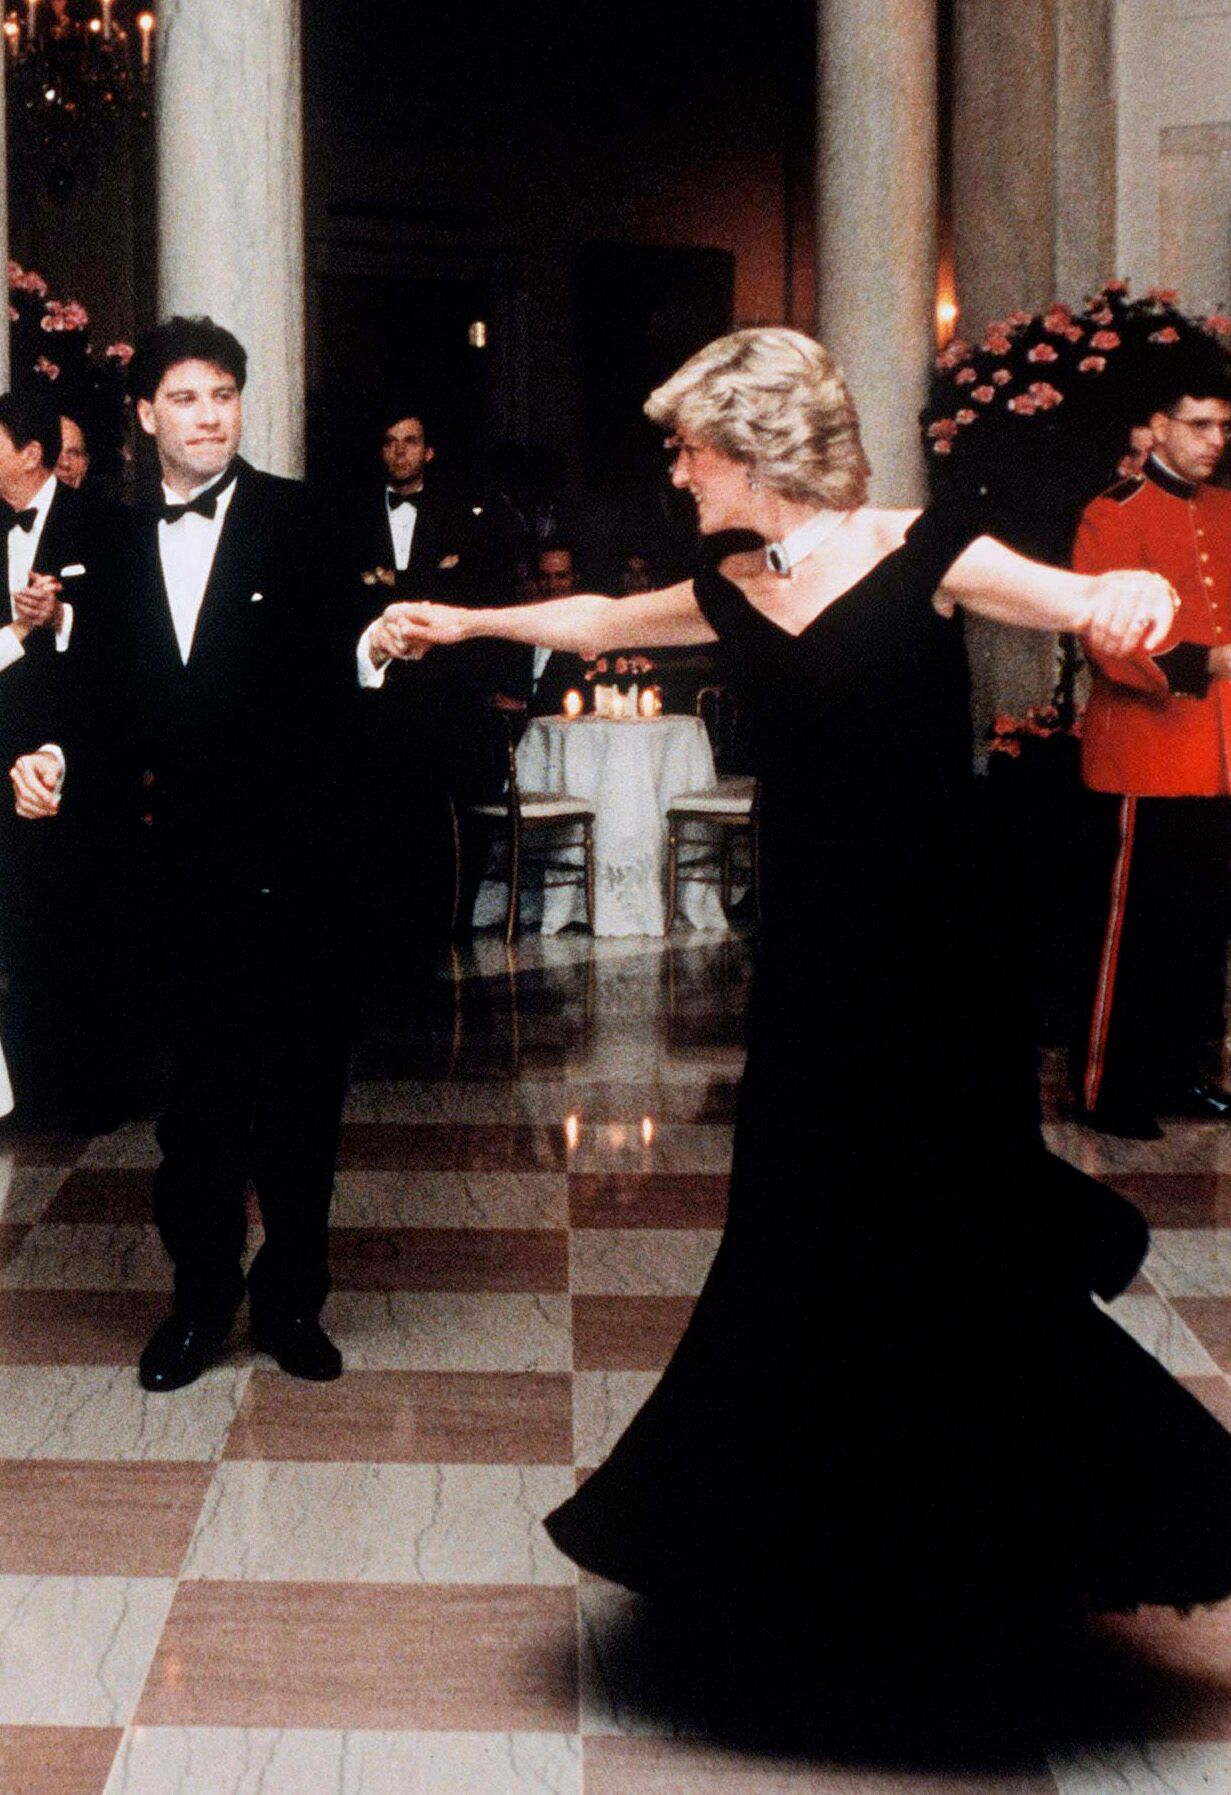 La princesse Diana danse avec John Travolta à la Maison Blanche   Photo : Getty Images/ Global Images Ukraine